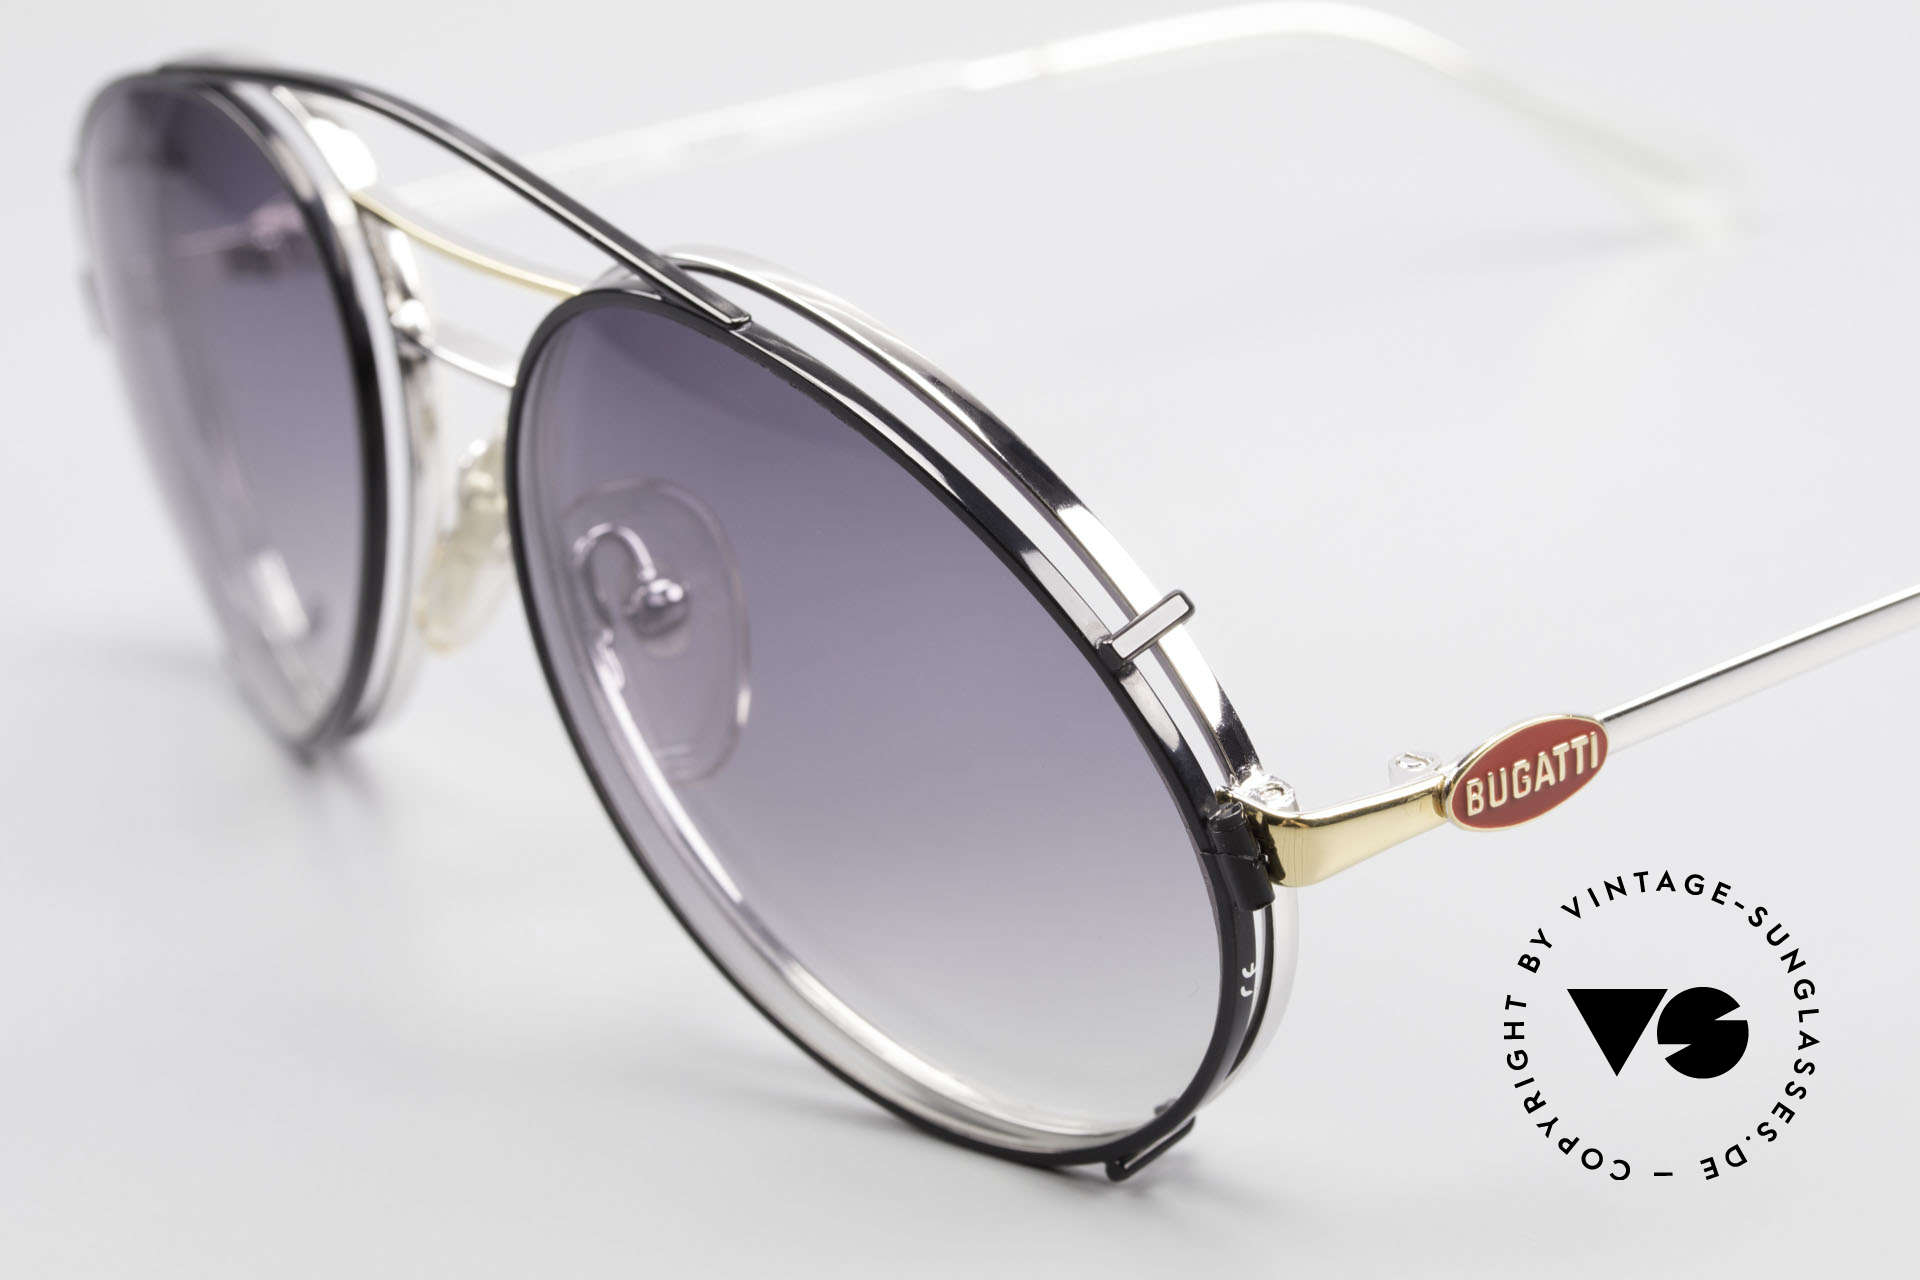 Bugatti 65984 80er Brille Mit Sonnen-Clip, toller Kontrast: silberne Fassung & schwarzer Clip, Passend für Herren